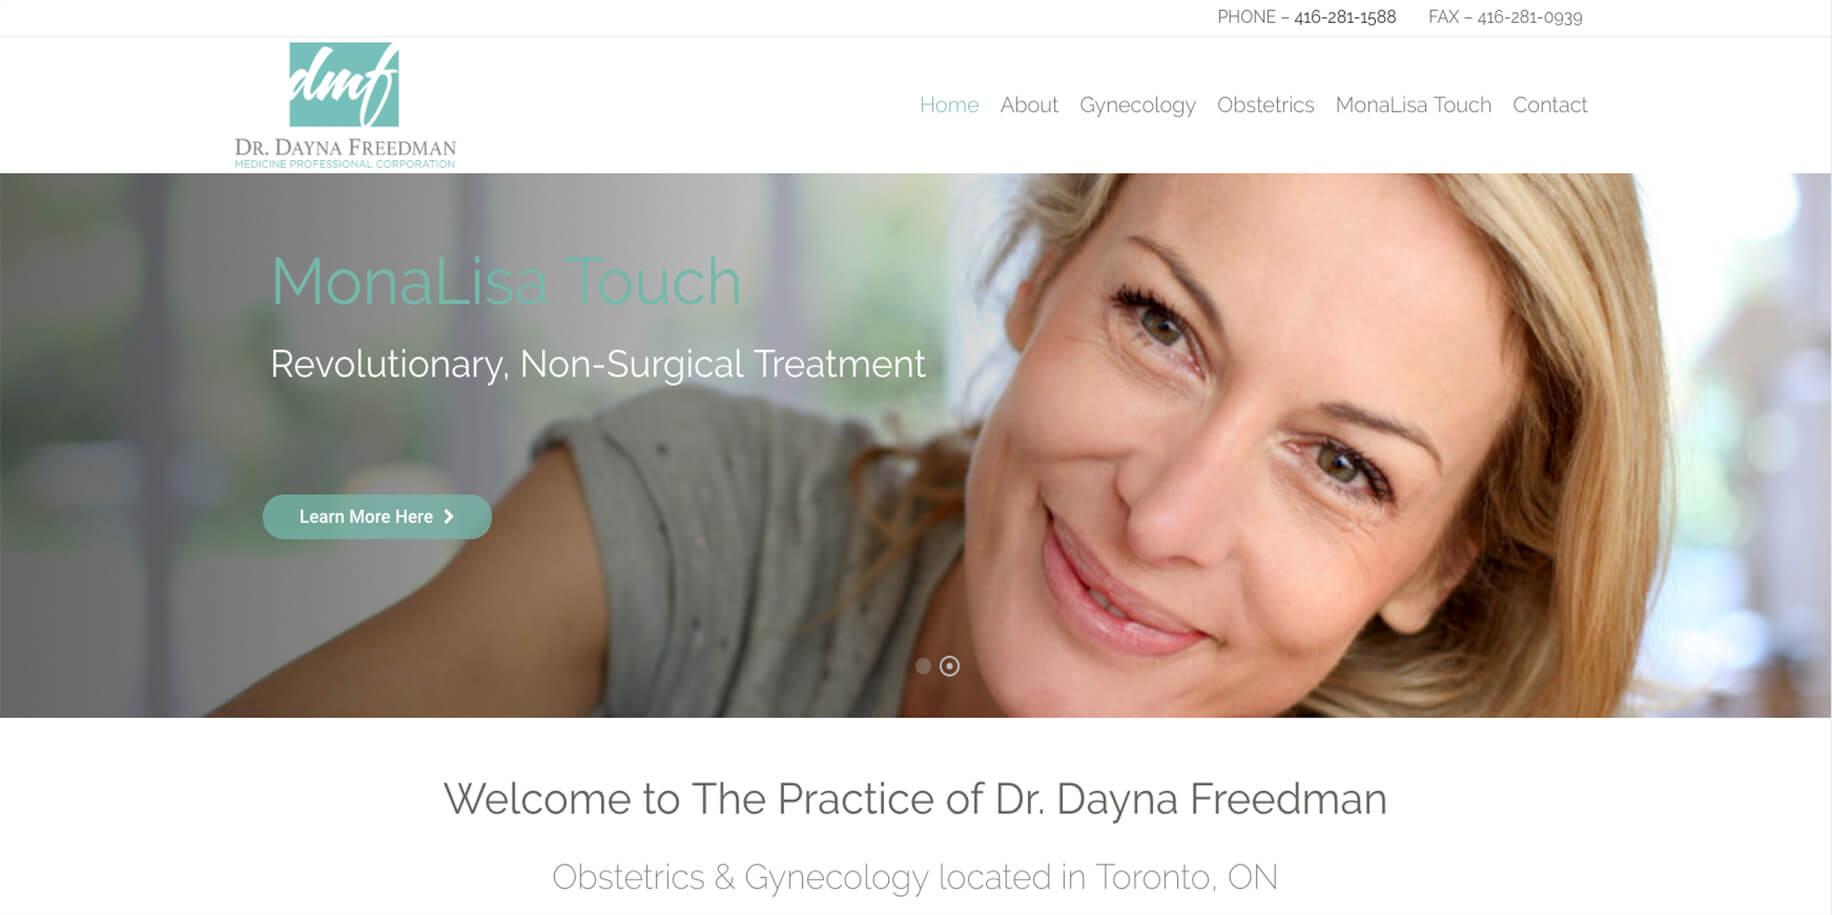 DR. DAYNA FREEDMAN